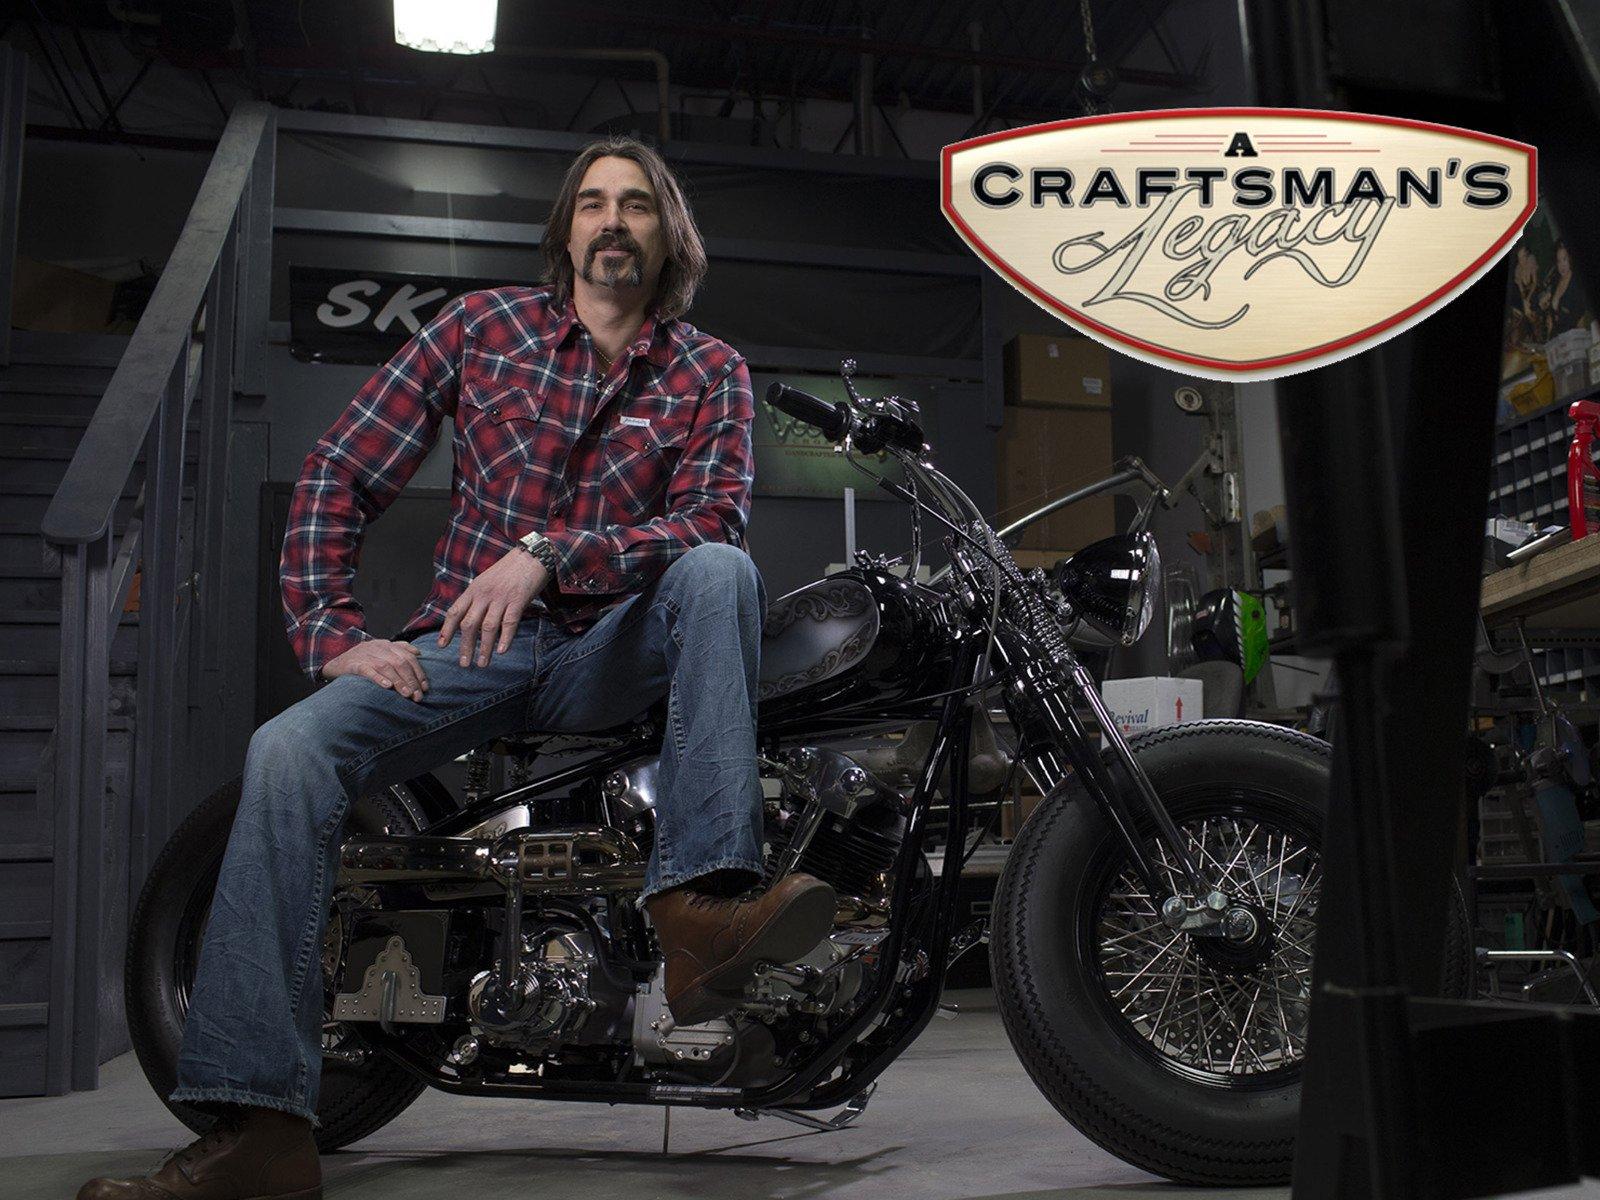 A Craftsman's Legacy - Season 1